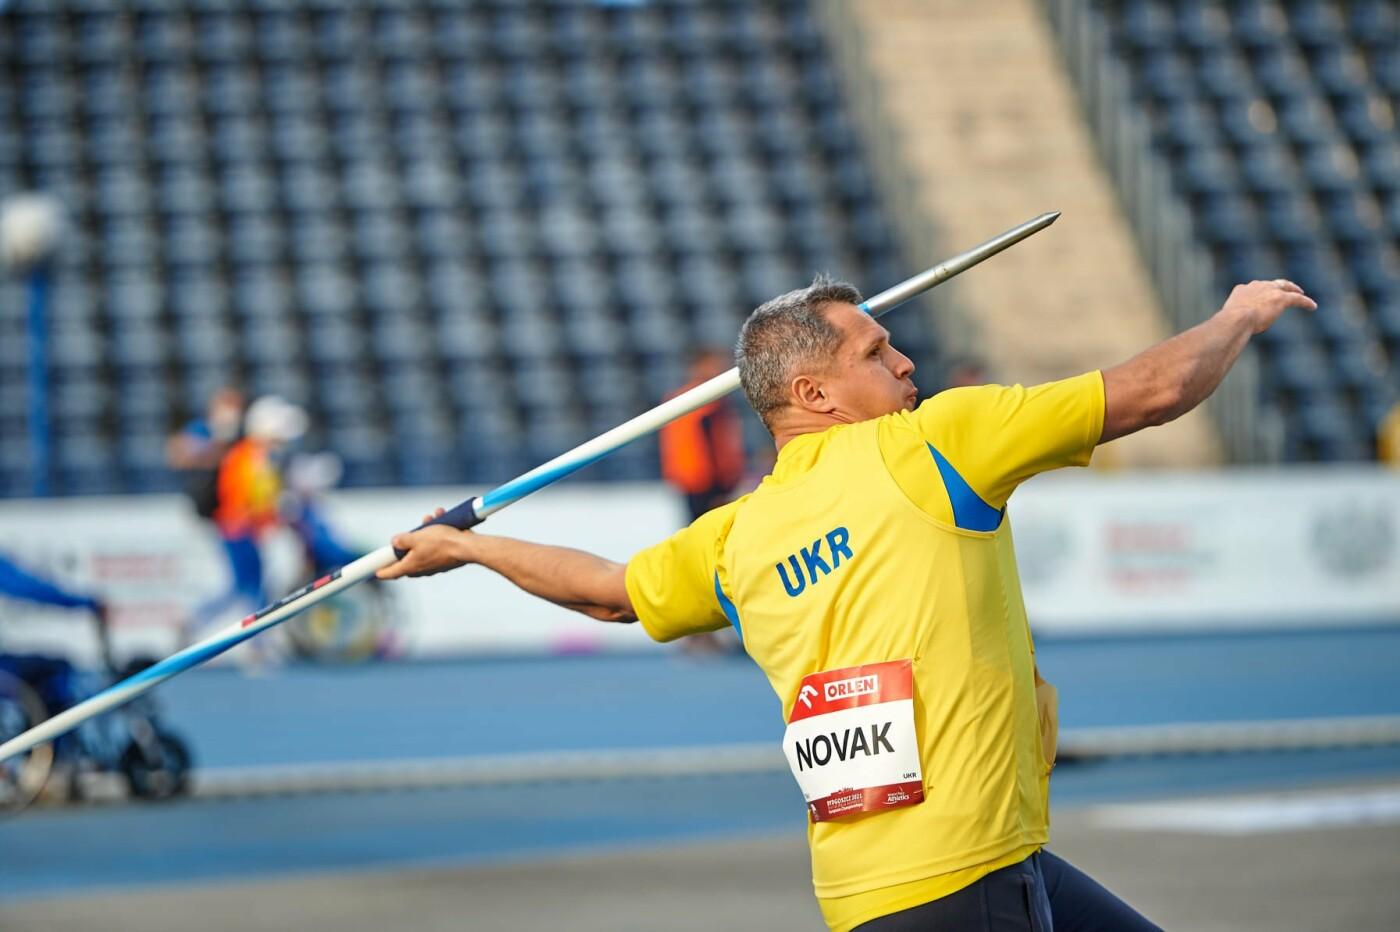 Рівненський спортсмен підкорив Європу на змаганнях з легкої атлетики, фото-1